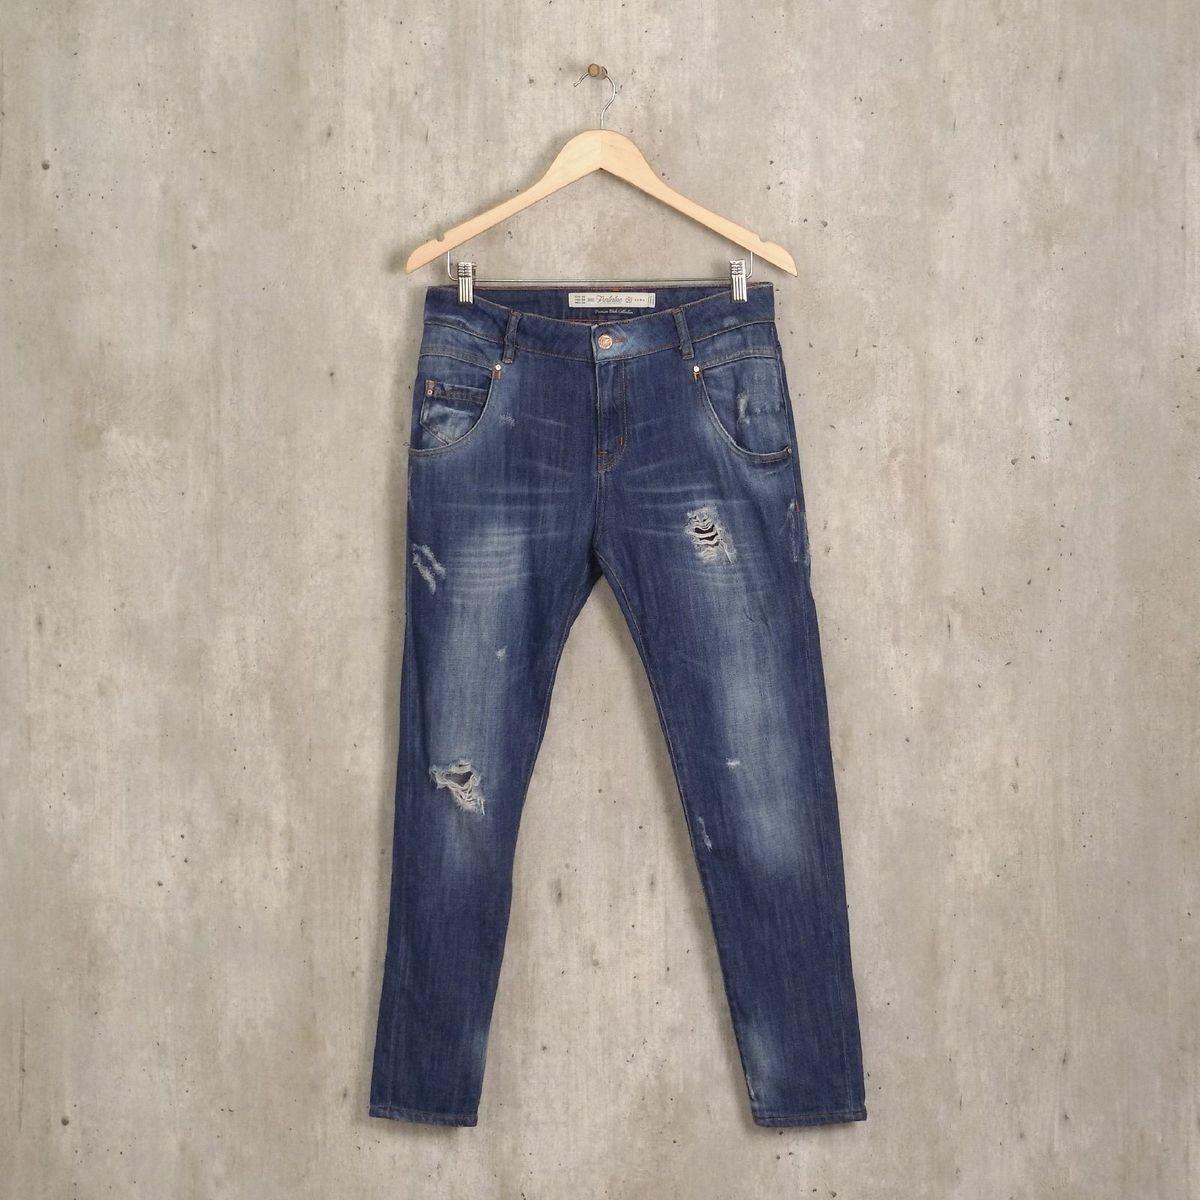 calça destroyed azul jeans zara - calças zara